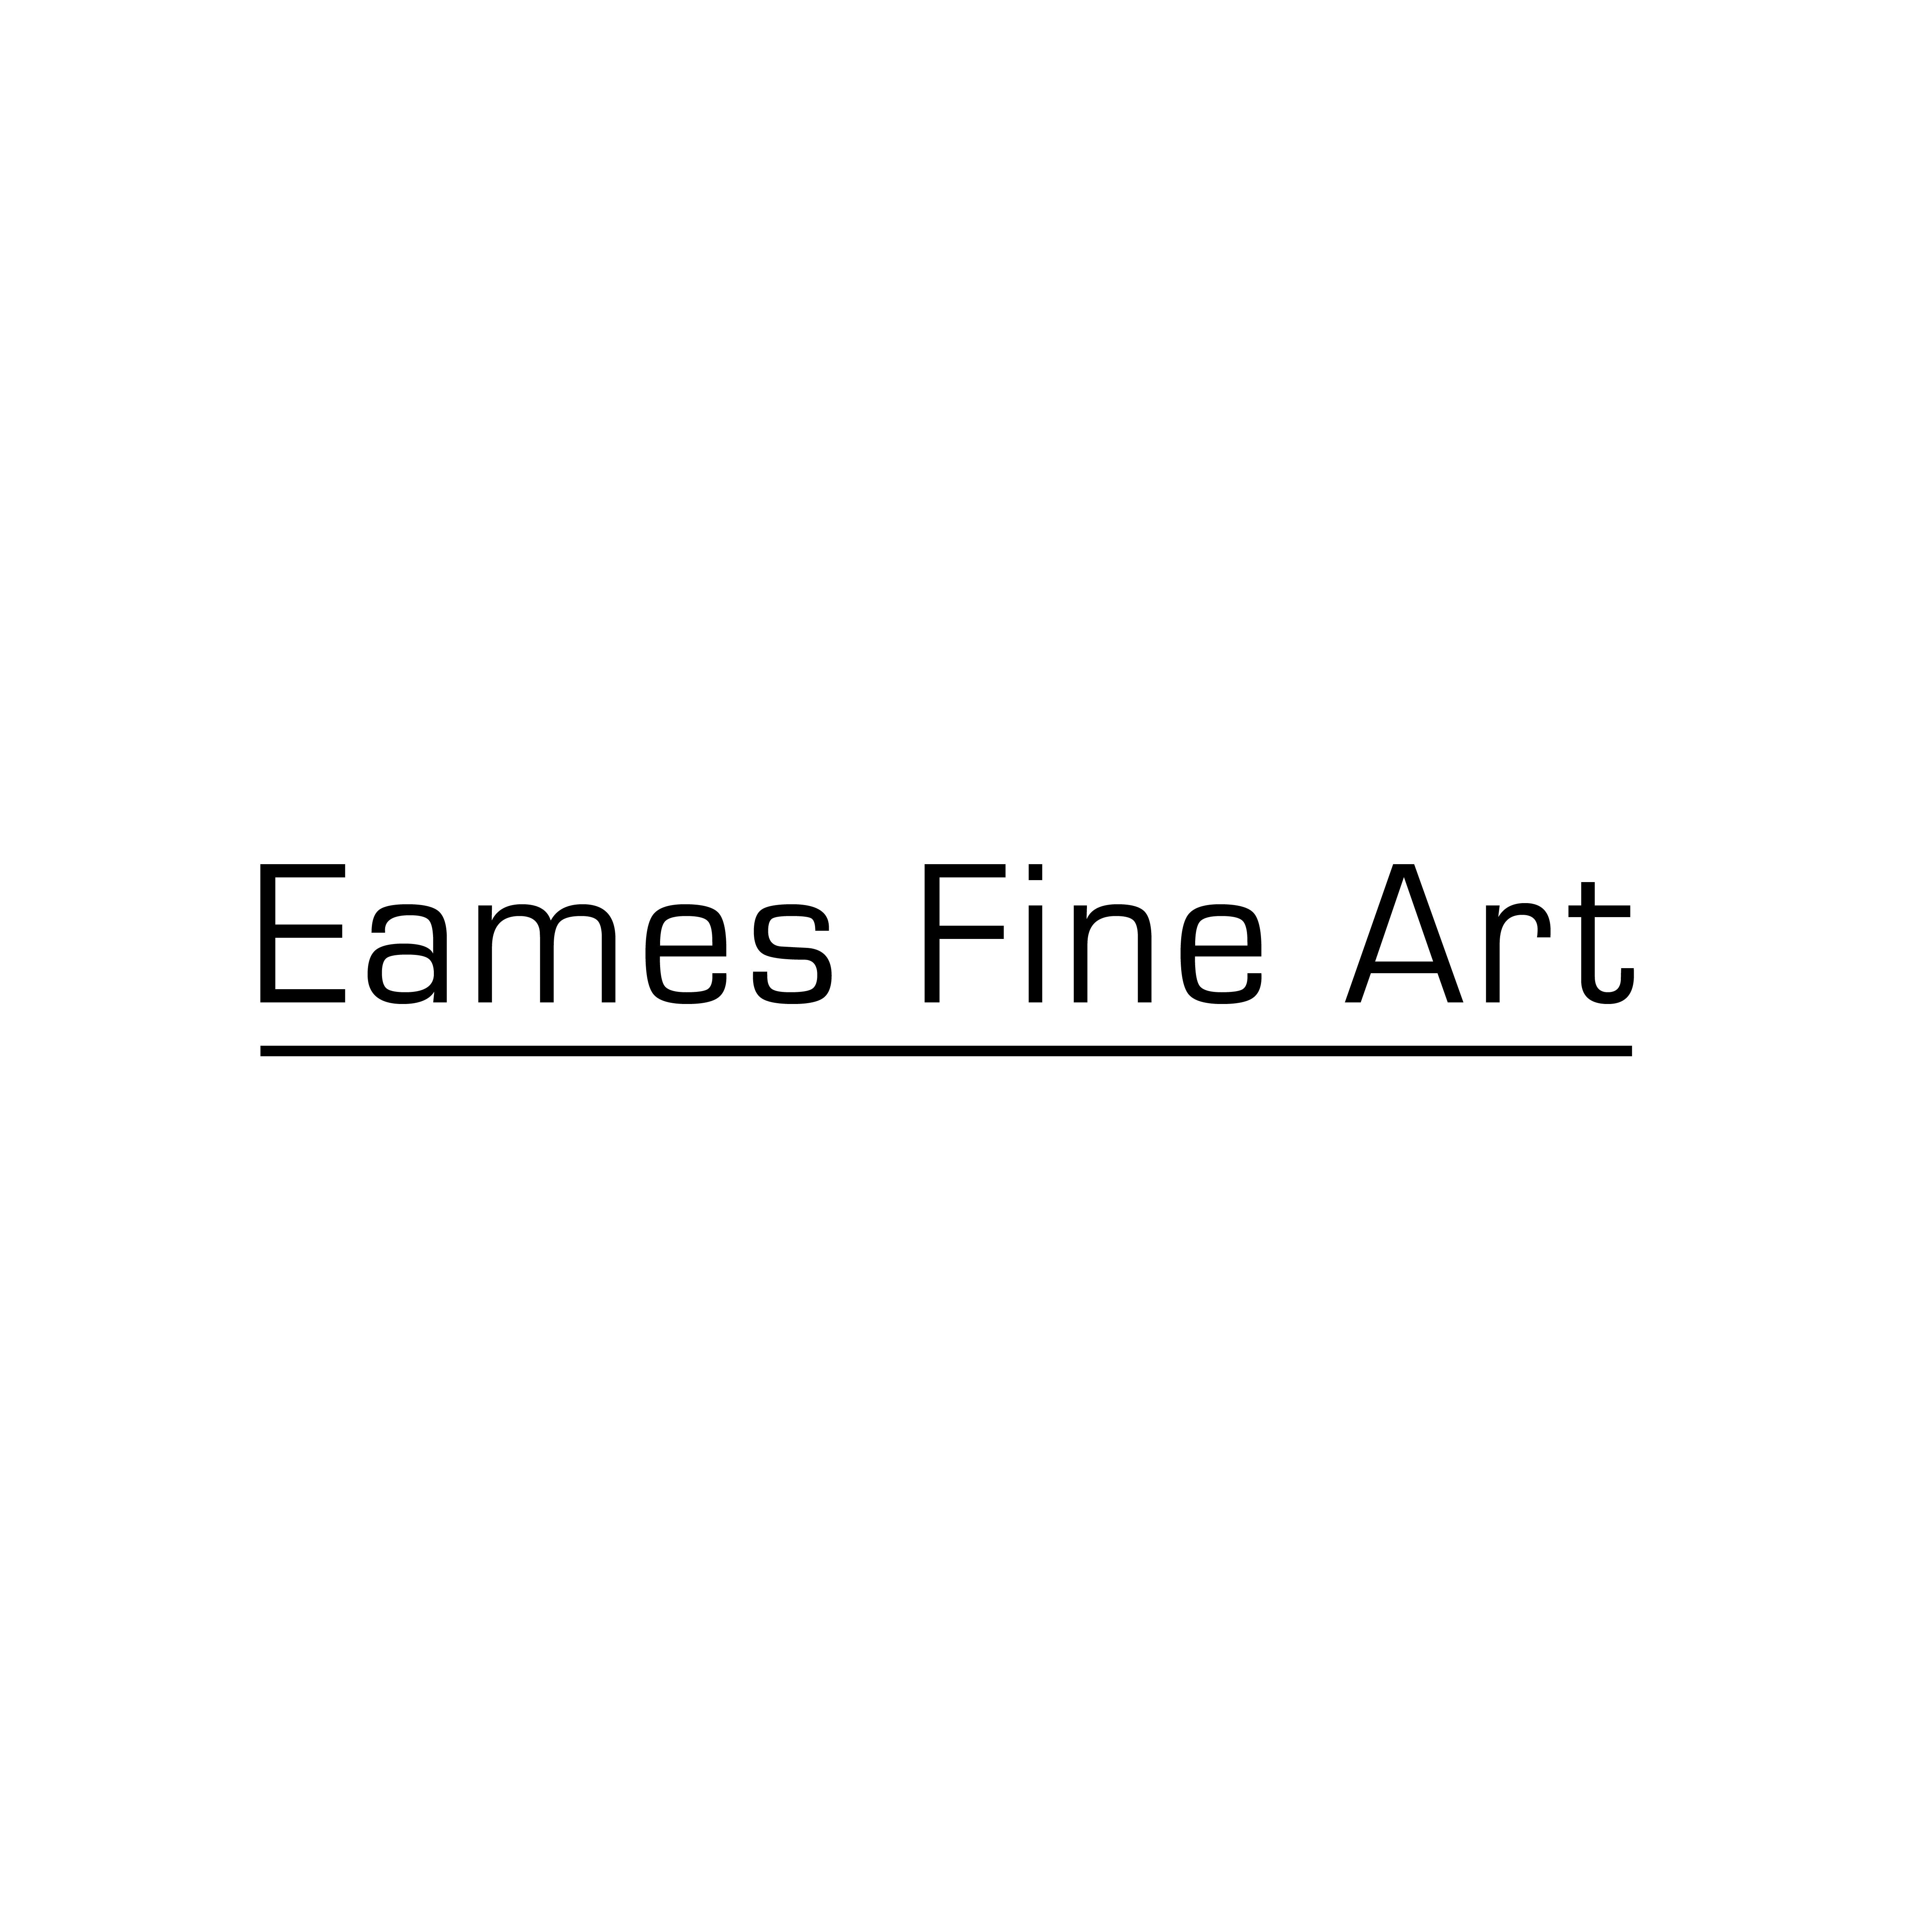 Eames Fine Art